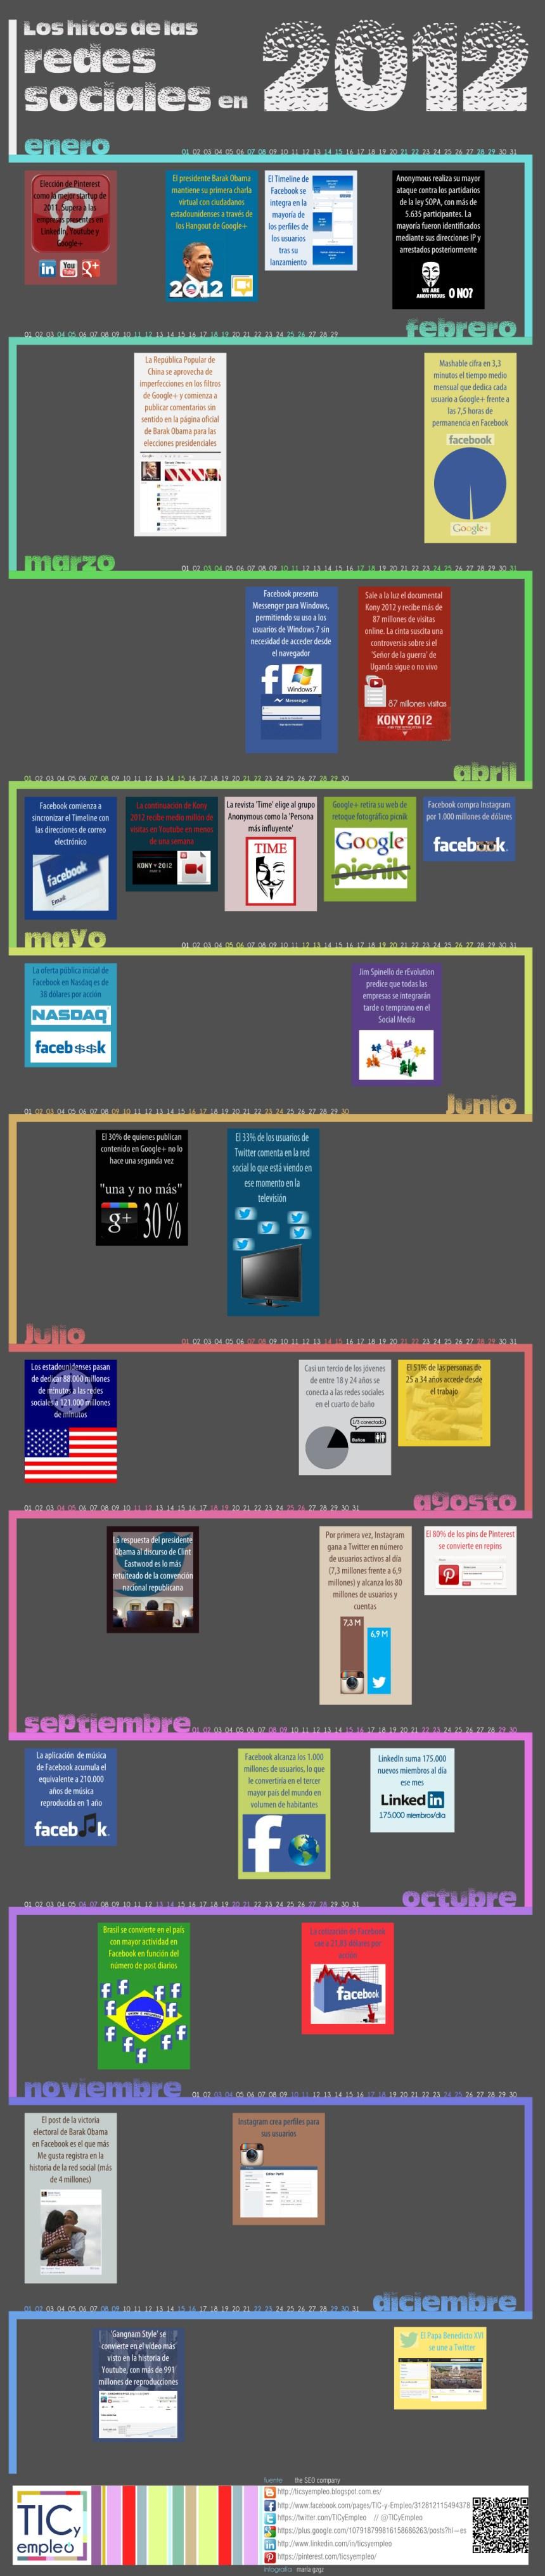 Hitos de las Redes Sociales en 2012